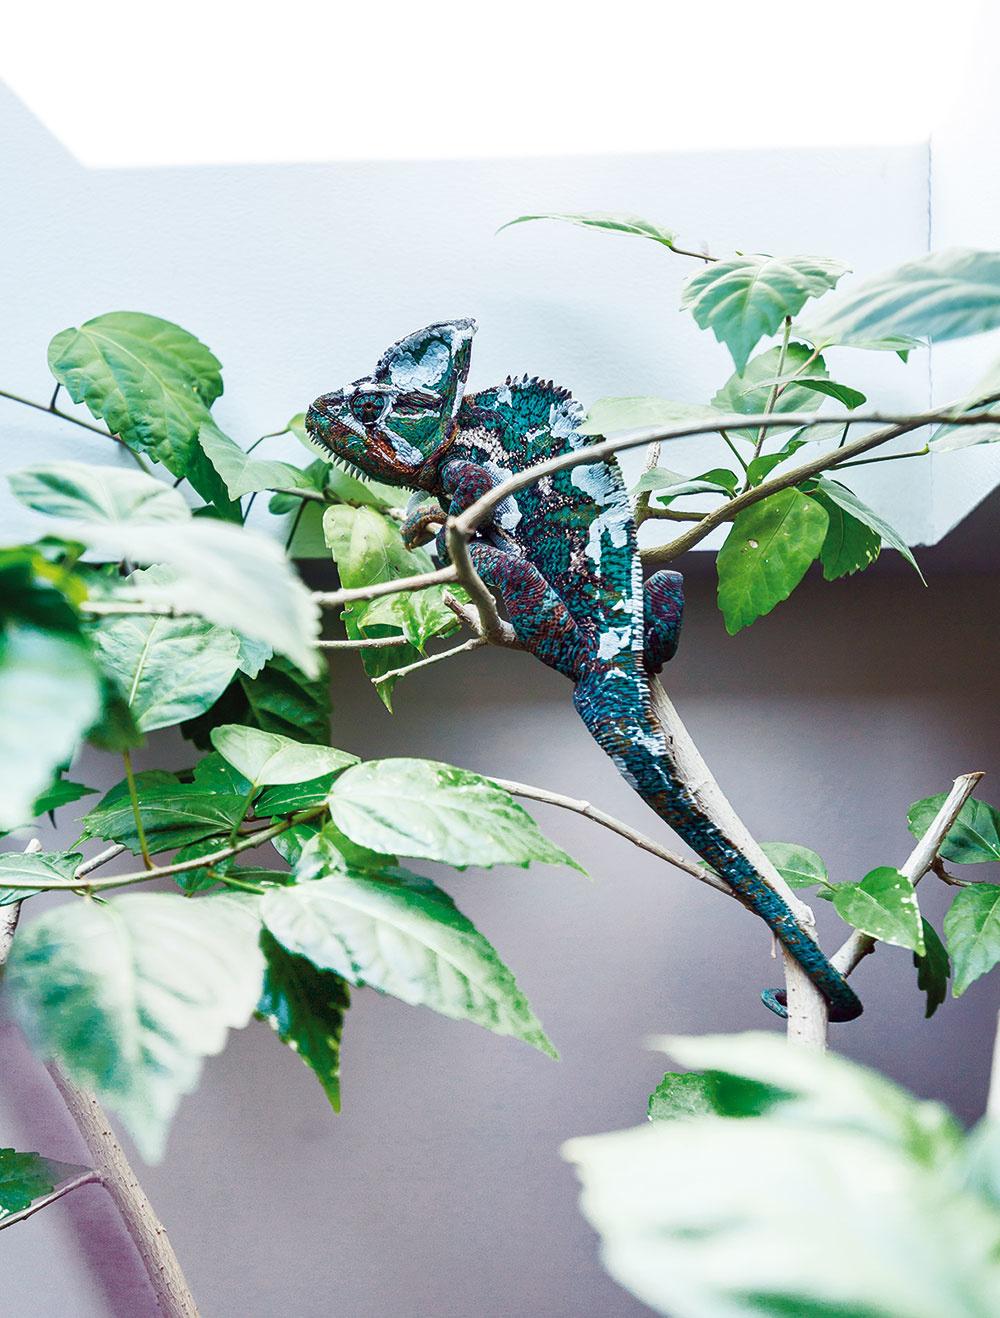 Dobre zamaskovaný najmenší obyvateľ domu – Pascal.